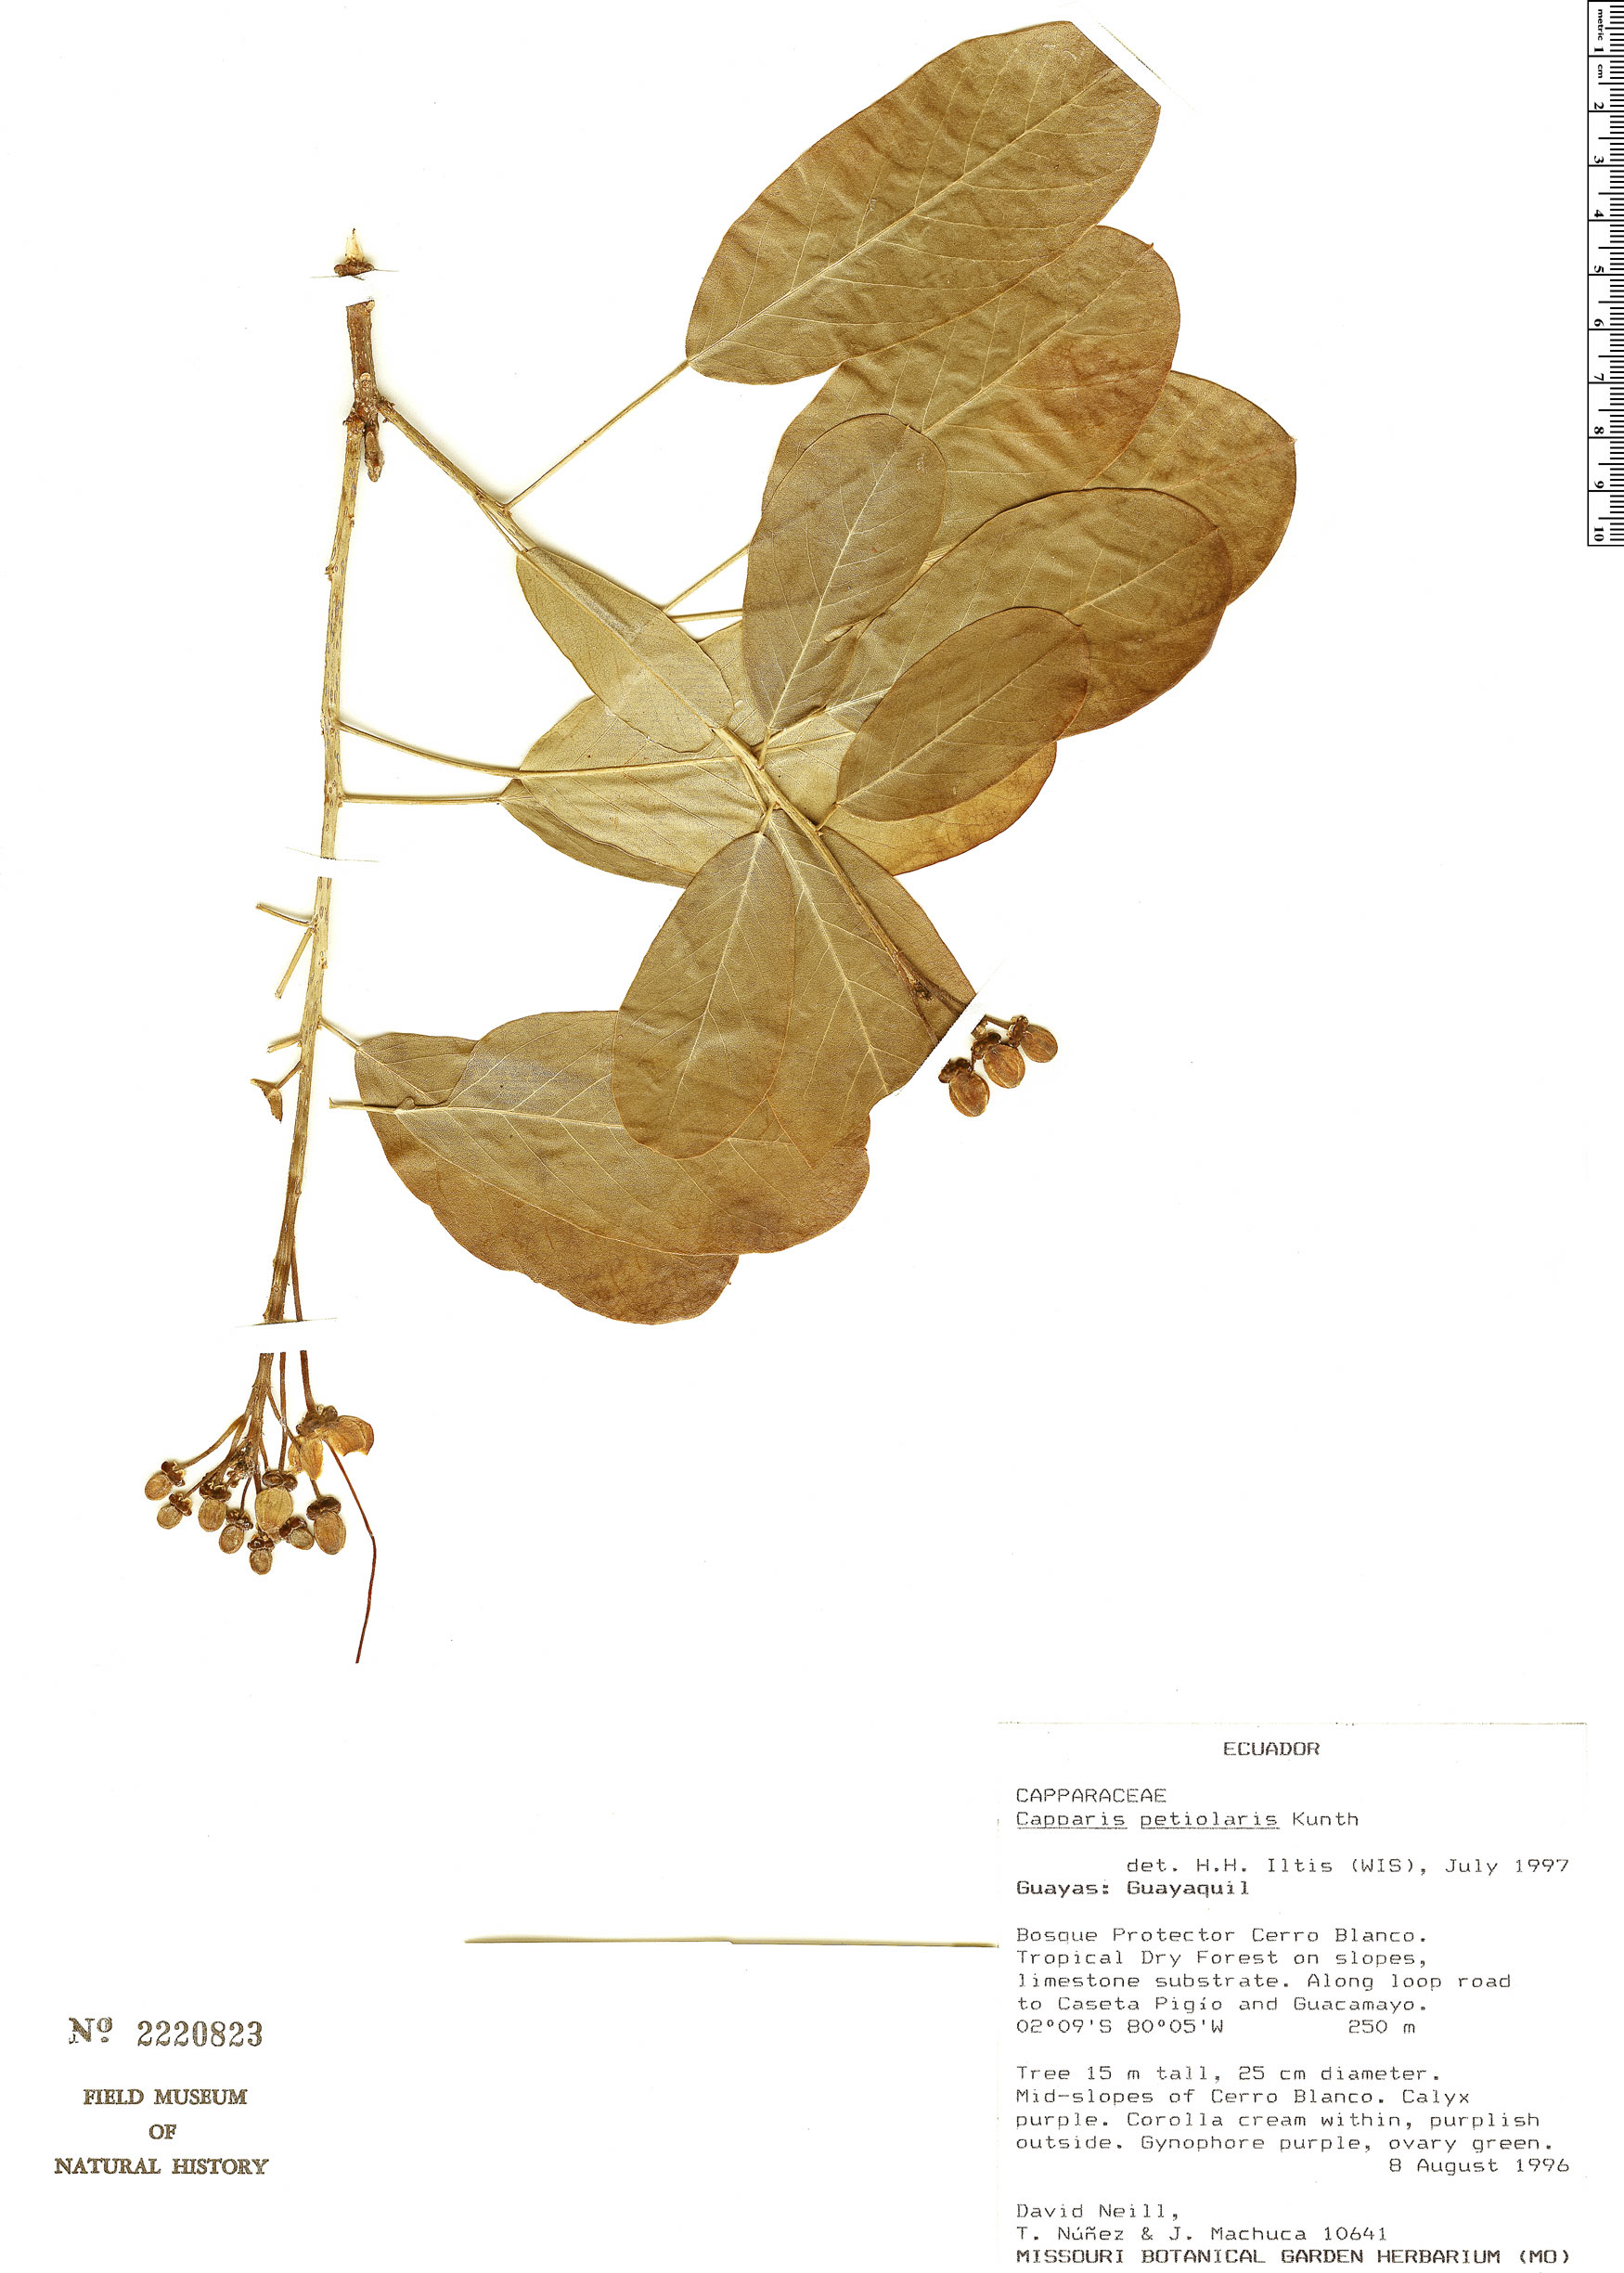 Specimen: Capparidastrum petiolare